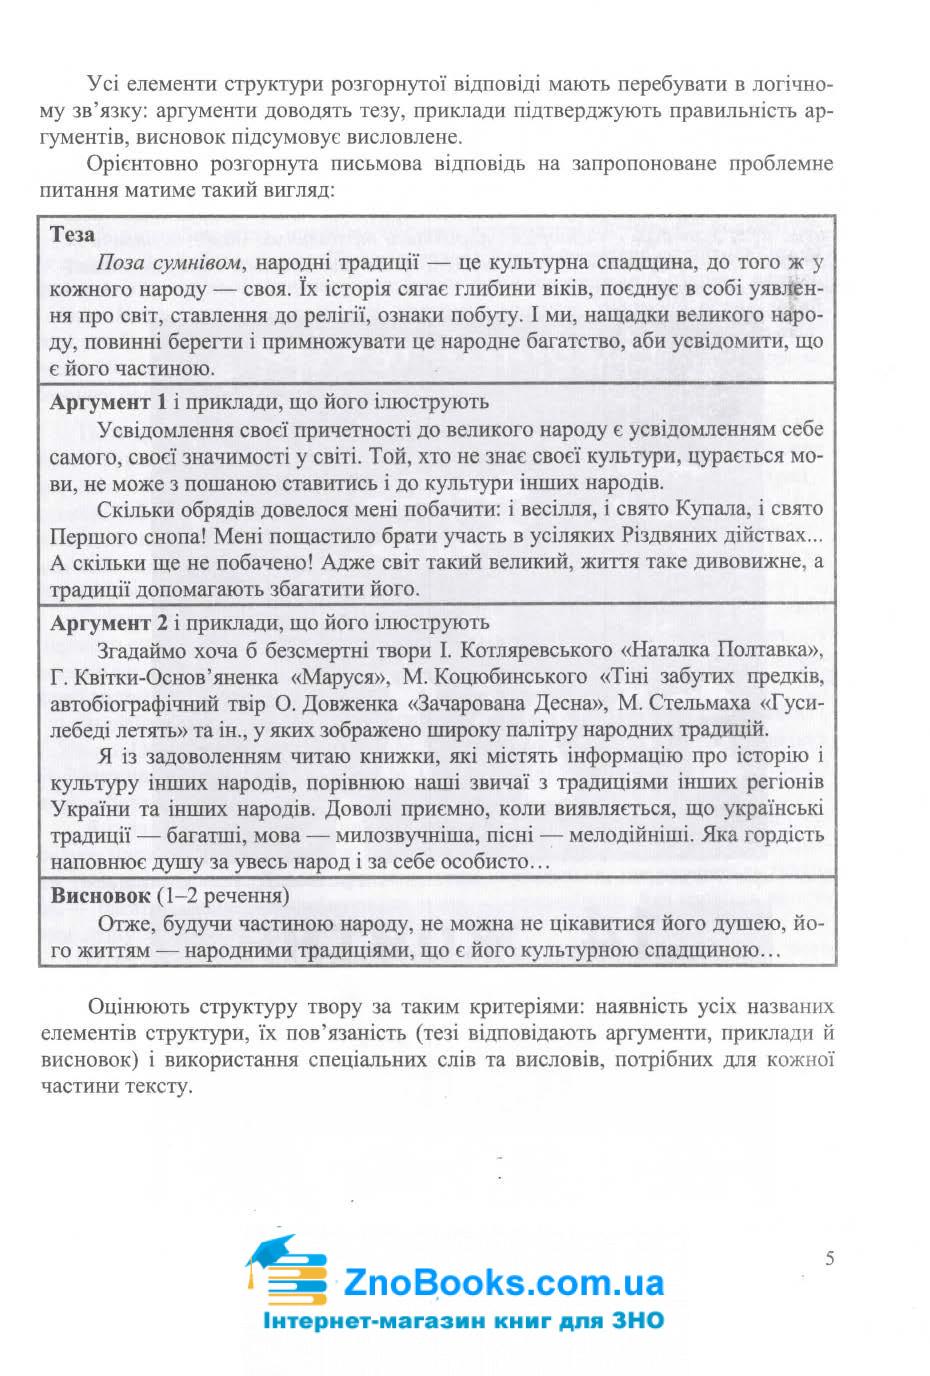 Завдання відкритої форми з розгорнутою письмовою відповіддю. Українська мова ЗНО 2021 : Готевич С. 5